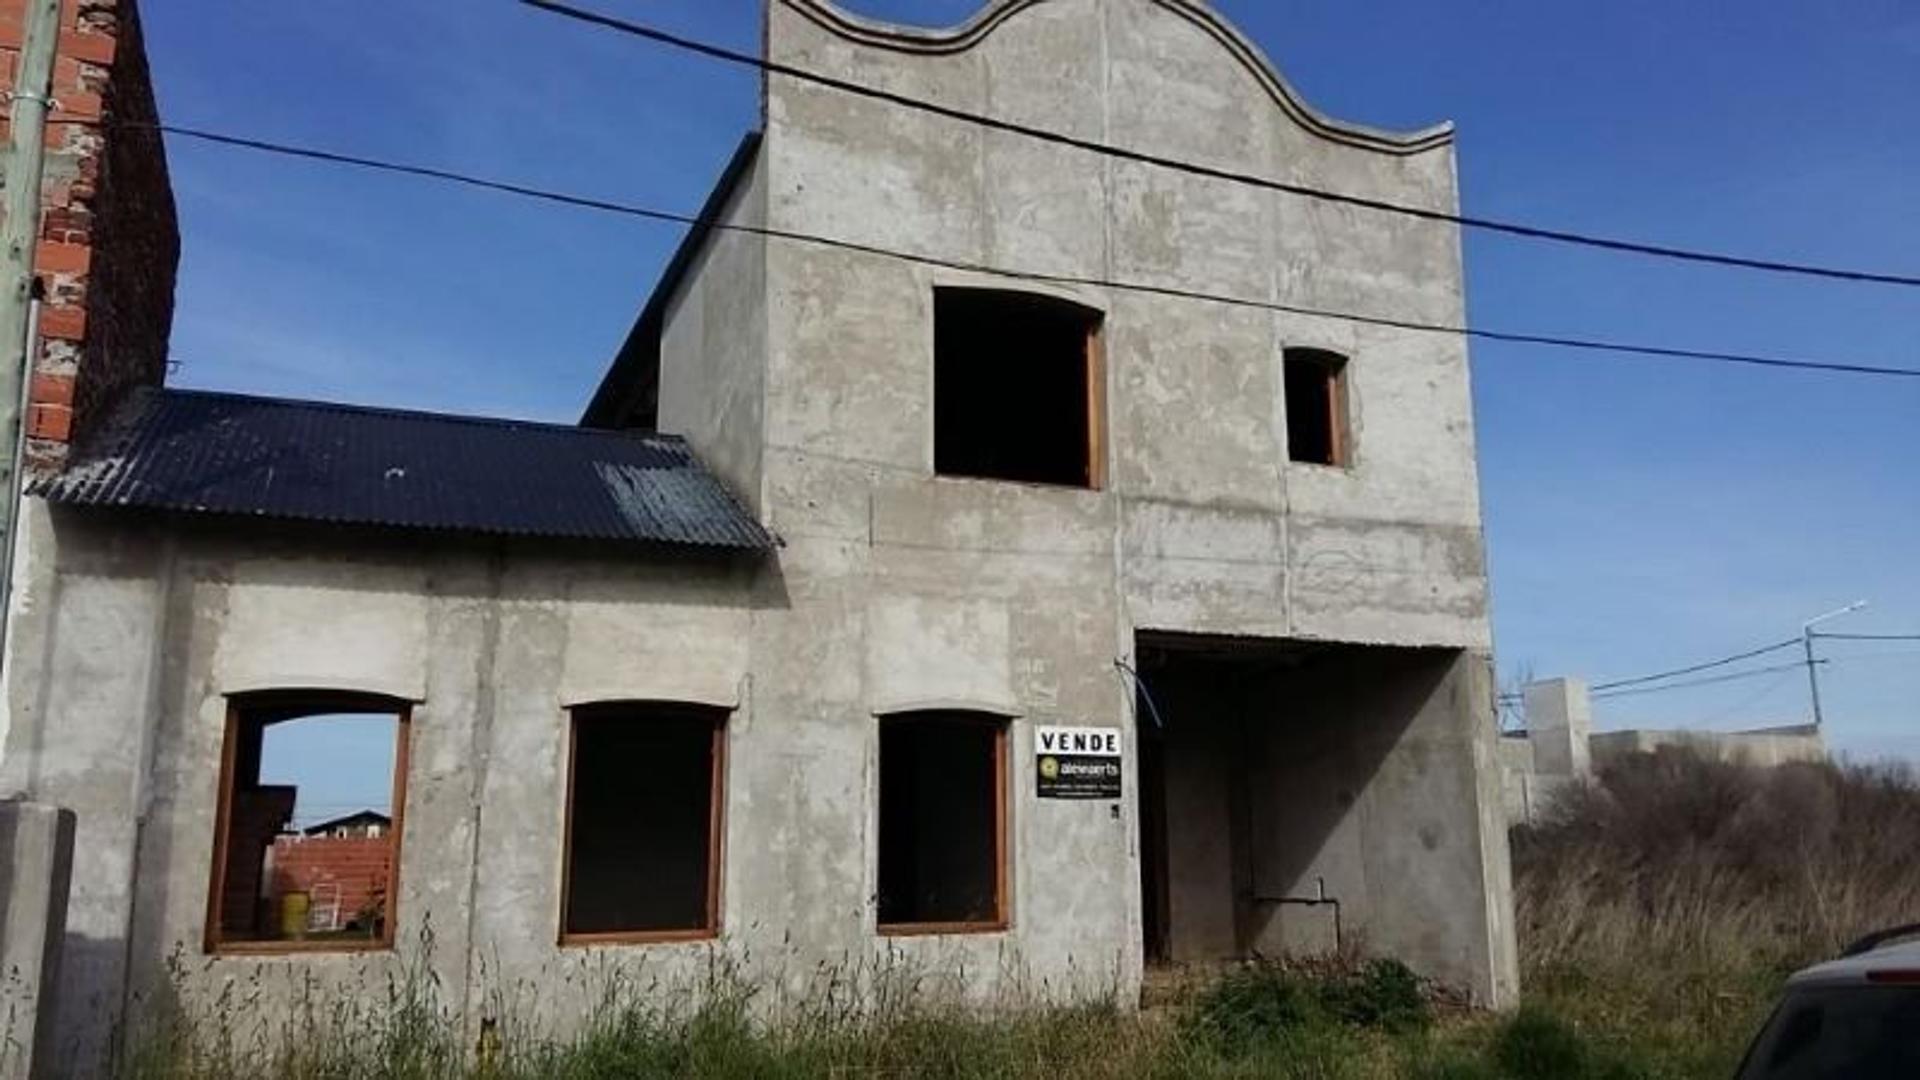 CASA A TERMINAR !!! EXCELENTE OPORTUNIDAD. MUY BUENA CONSTRUCCIÓN !!!!